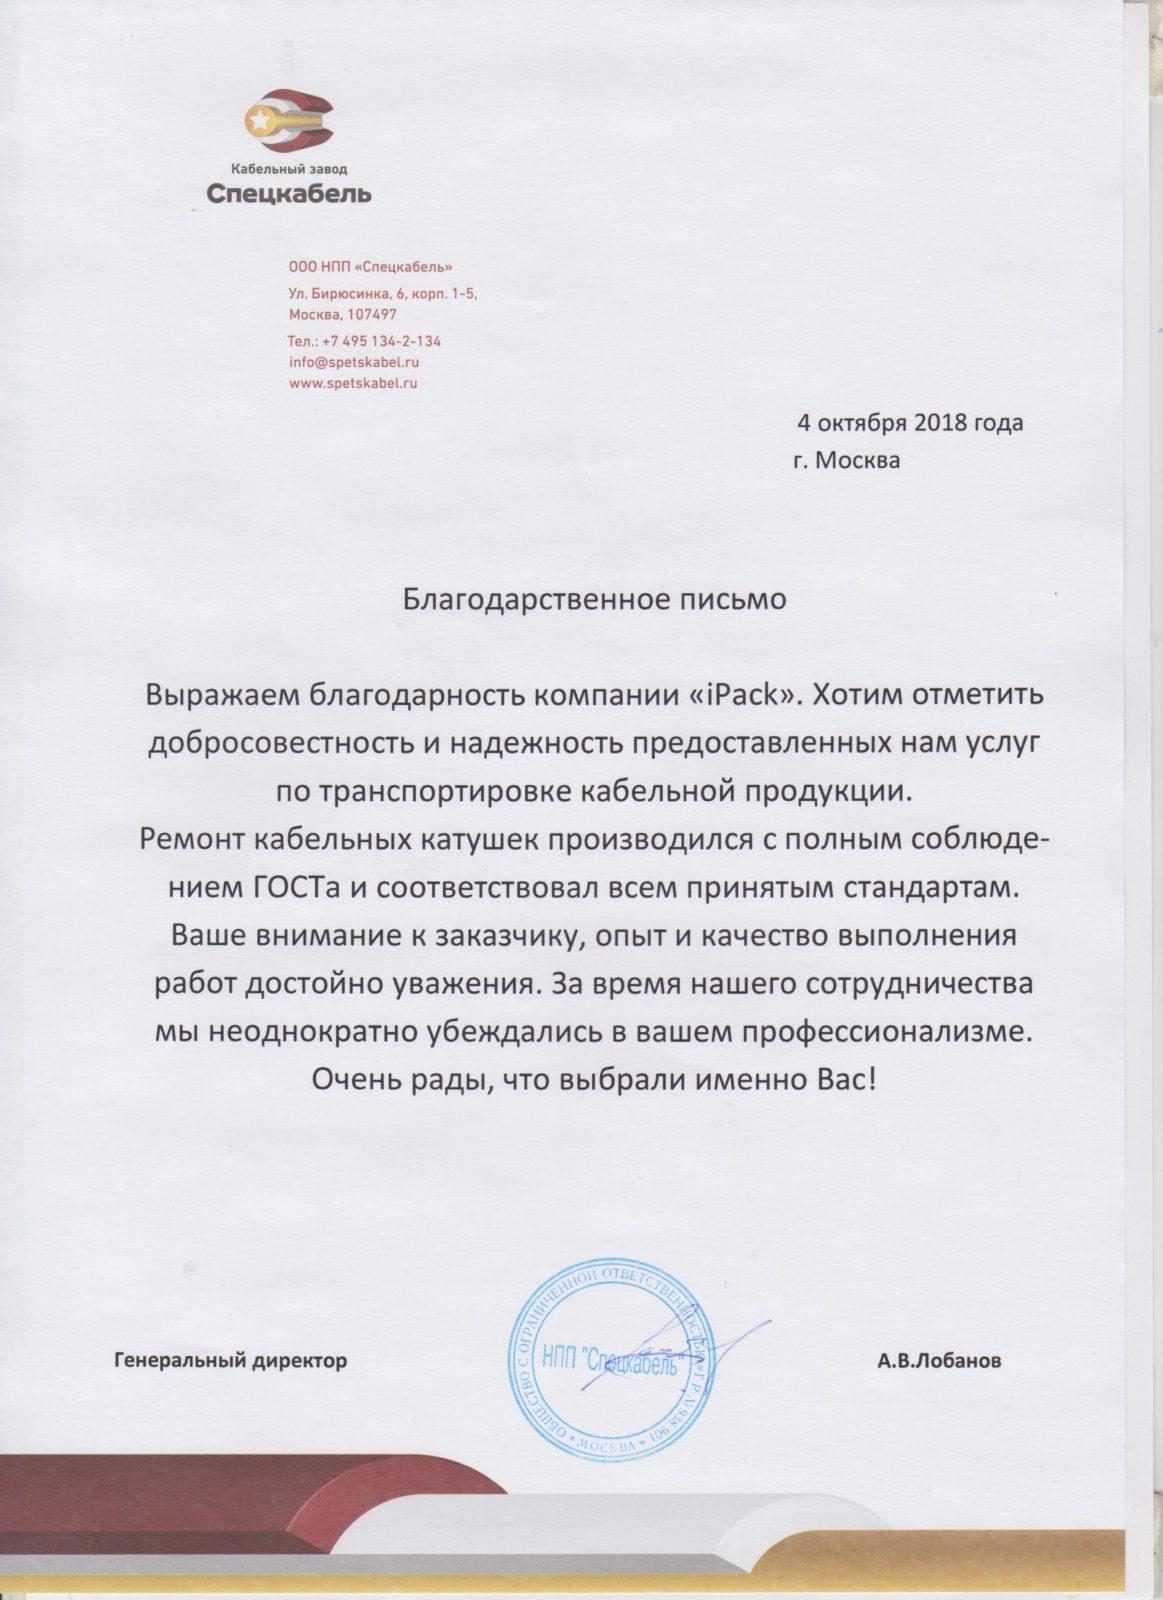 Отзыв о компании Ipack24 от ООО НПП «Спецкабель»